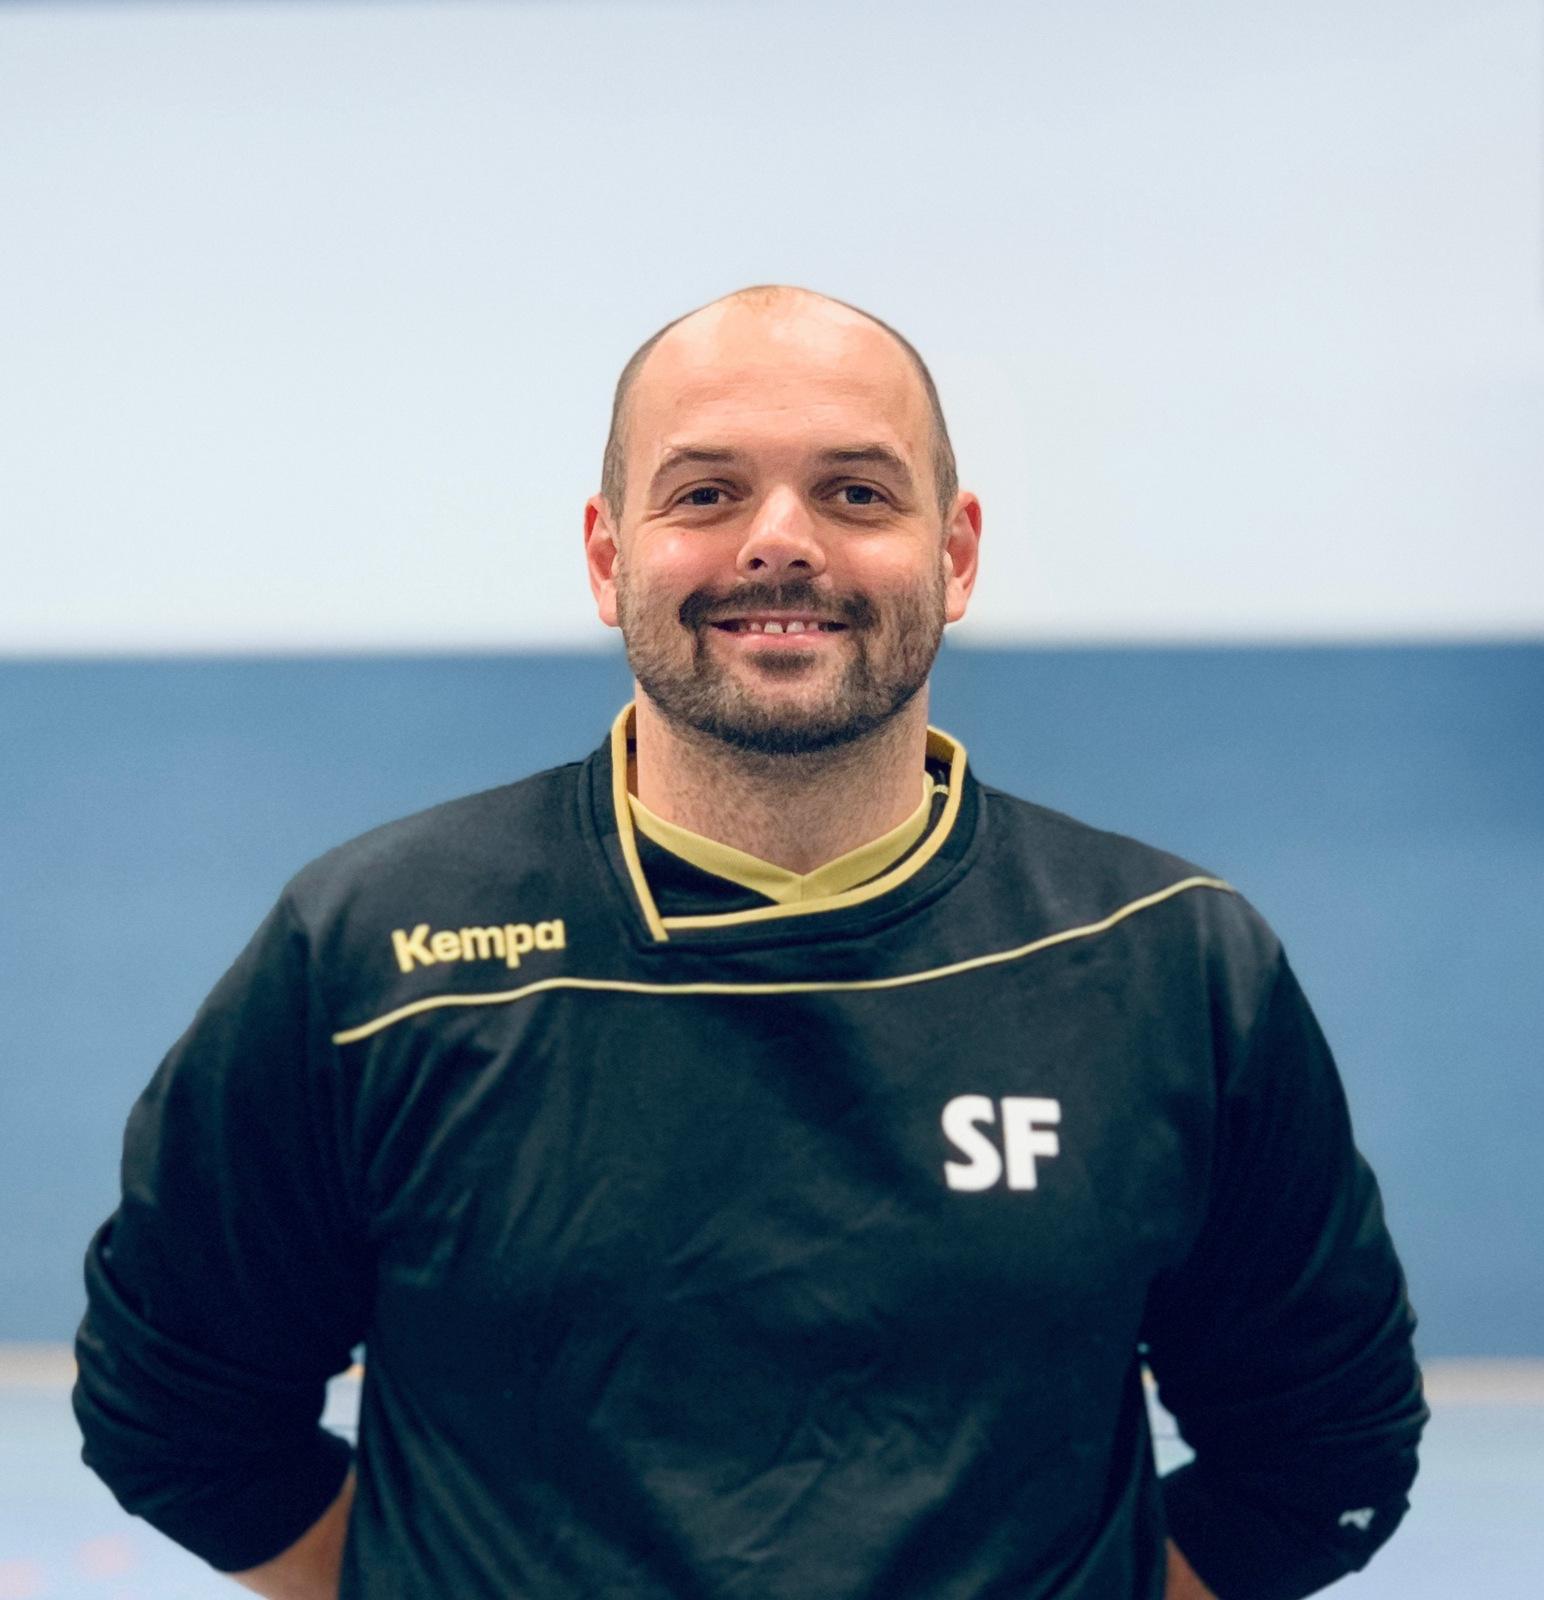 Sven Freitag